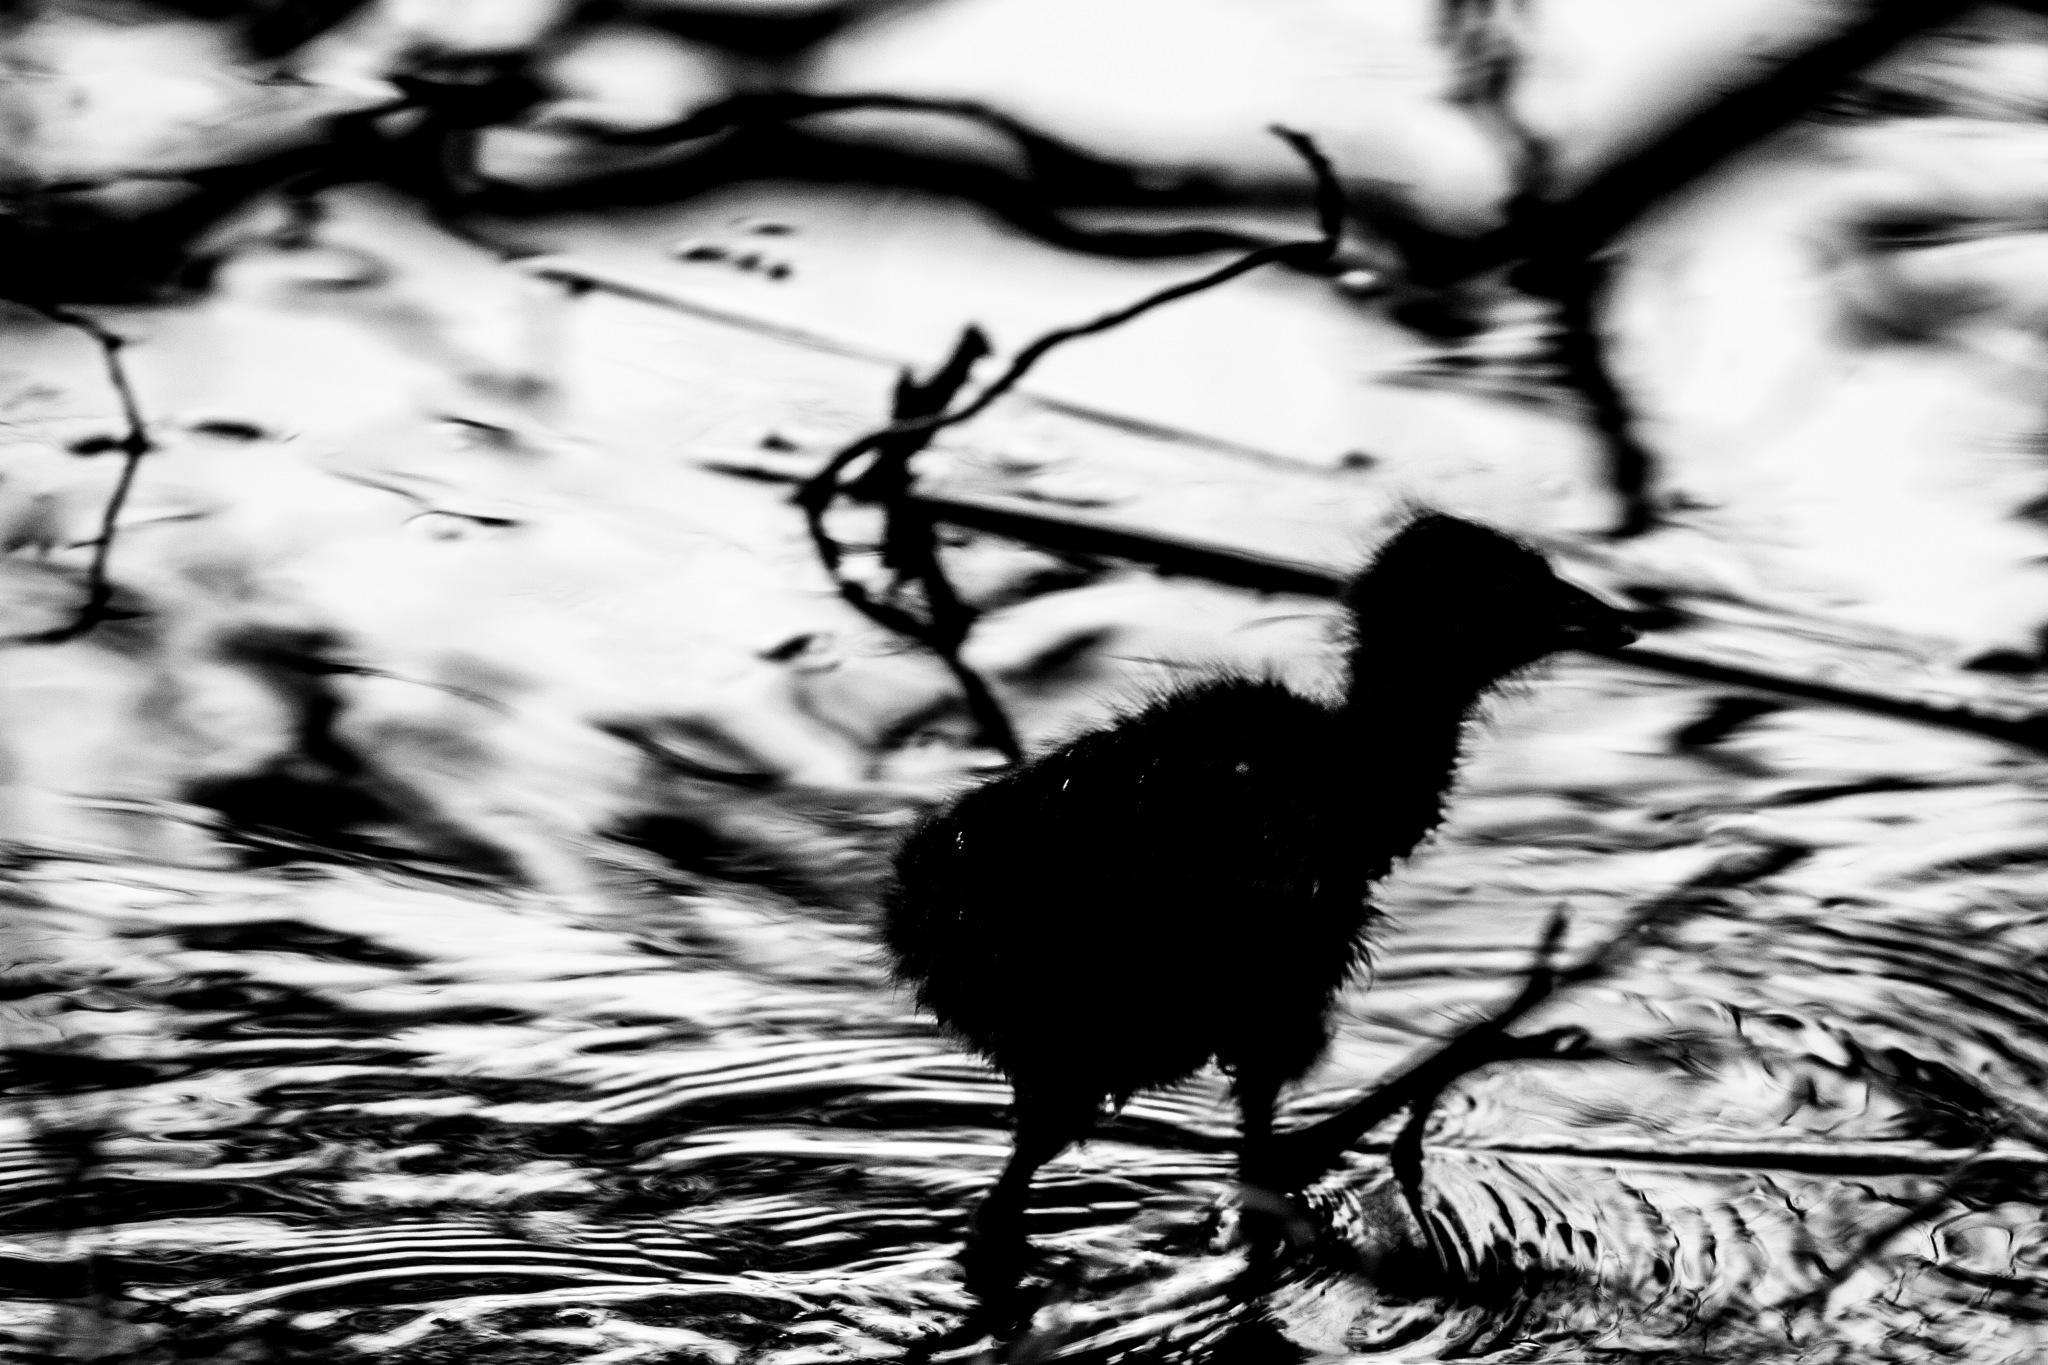 Baby bird by Peter CJ Buchanan